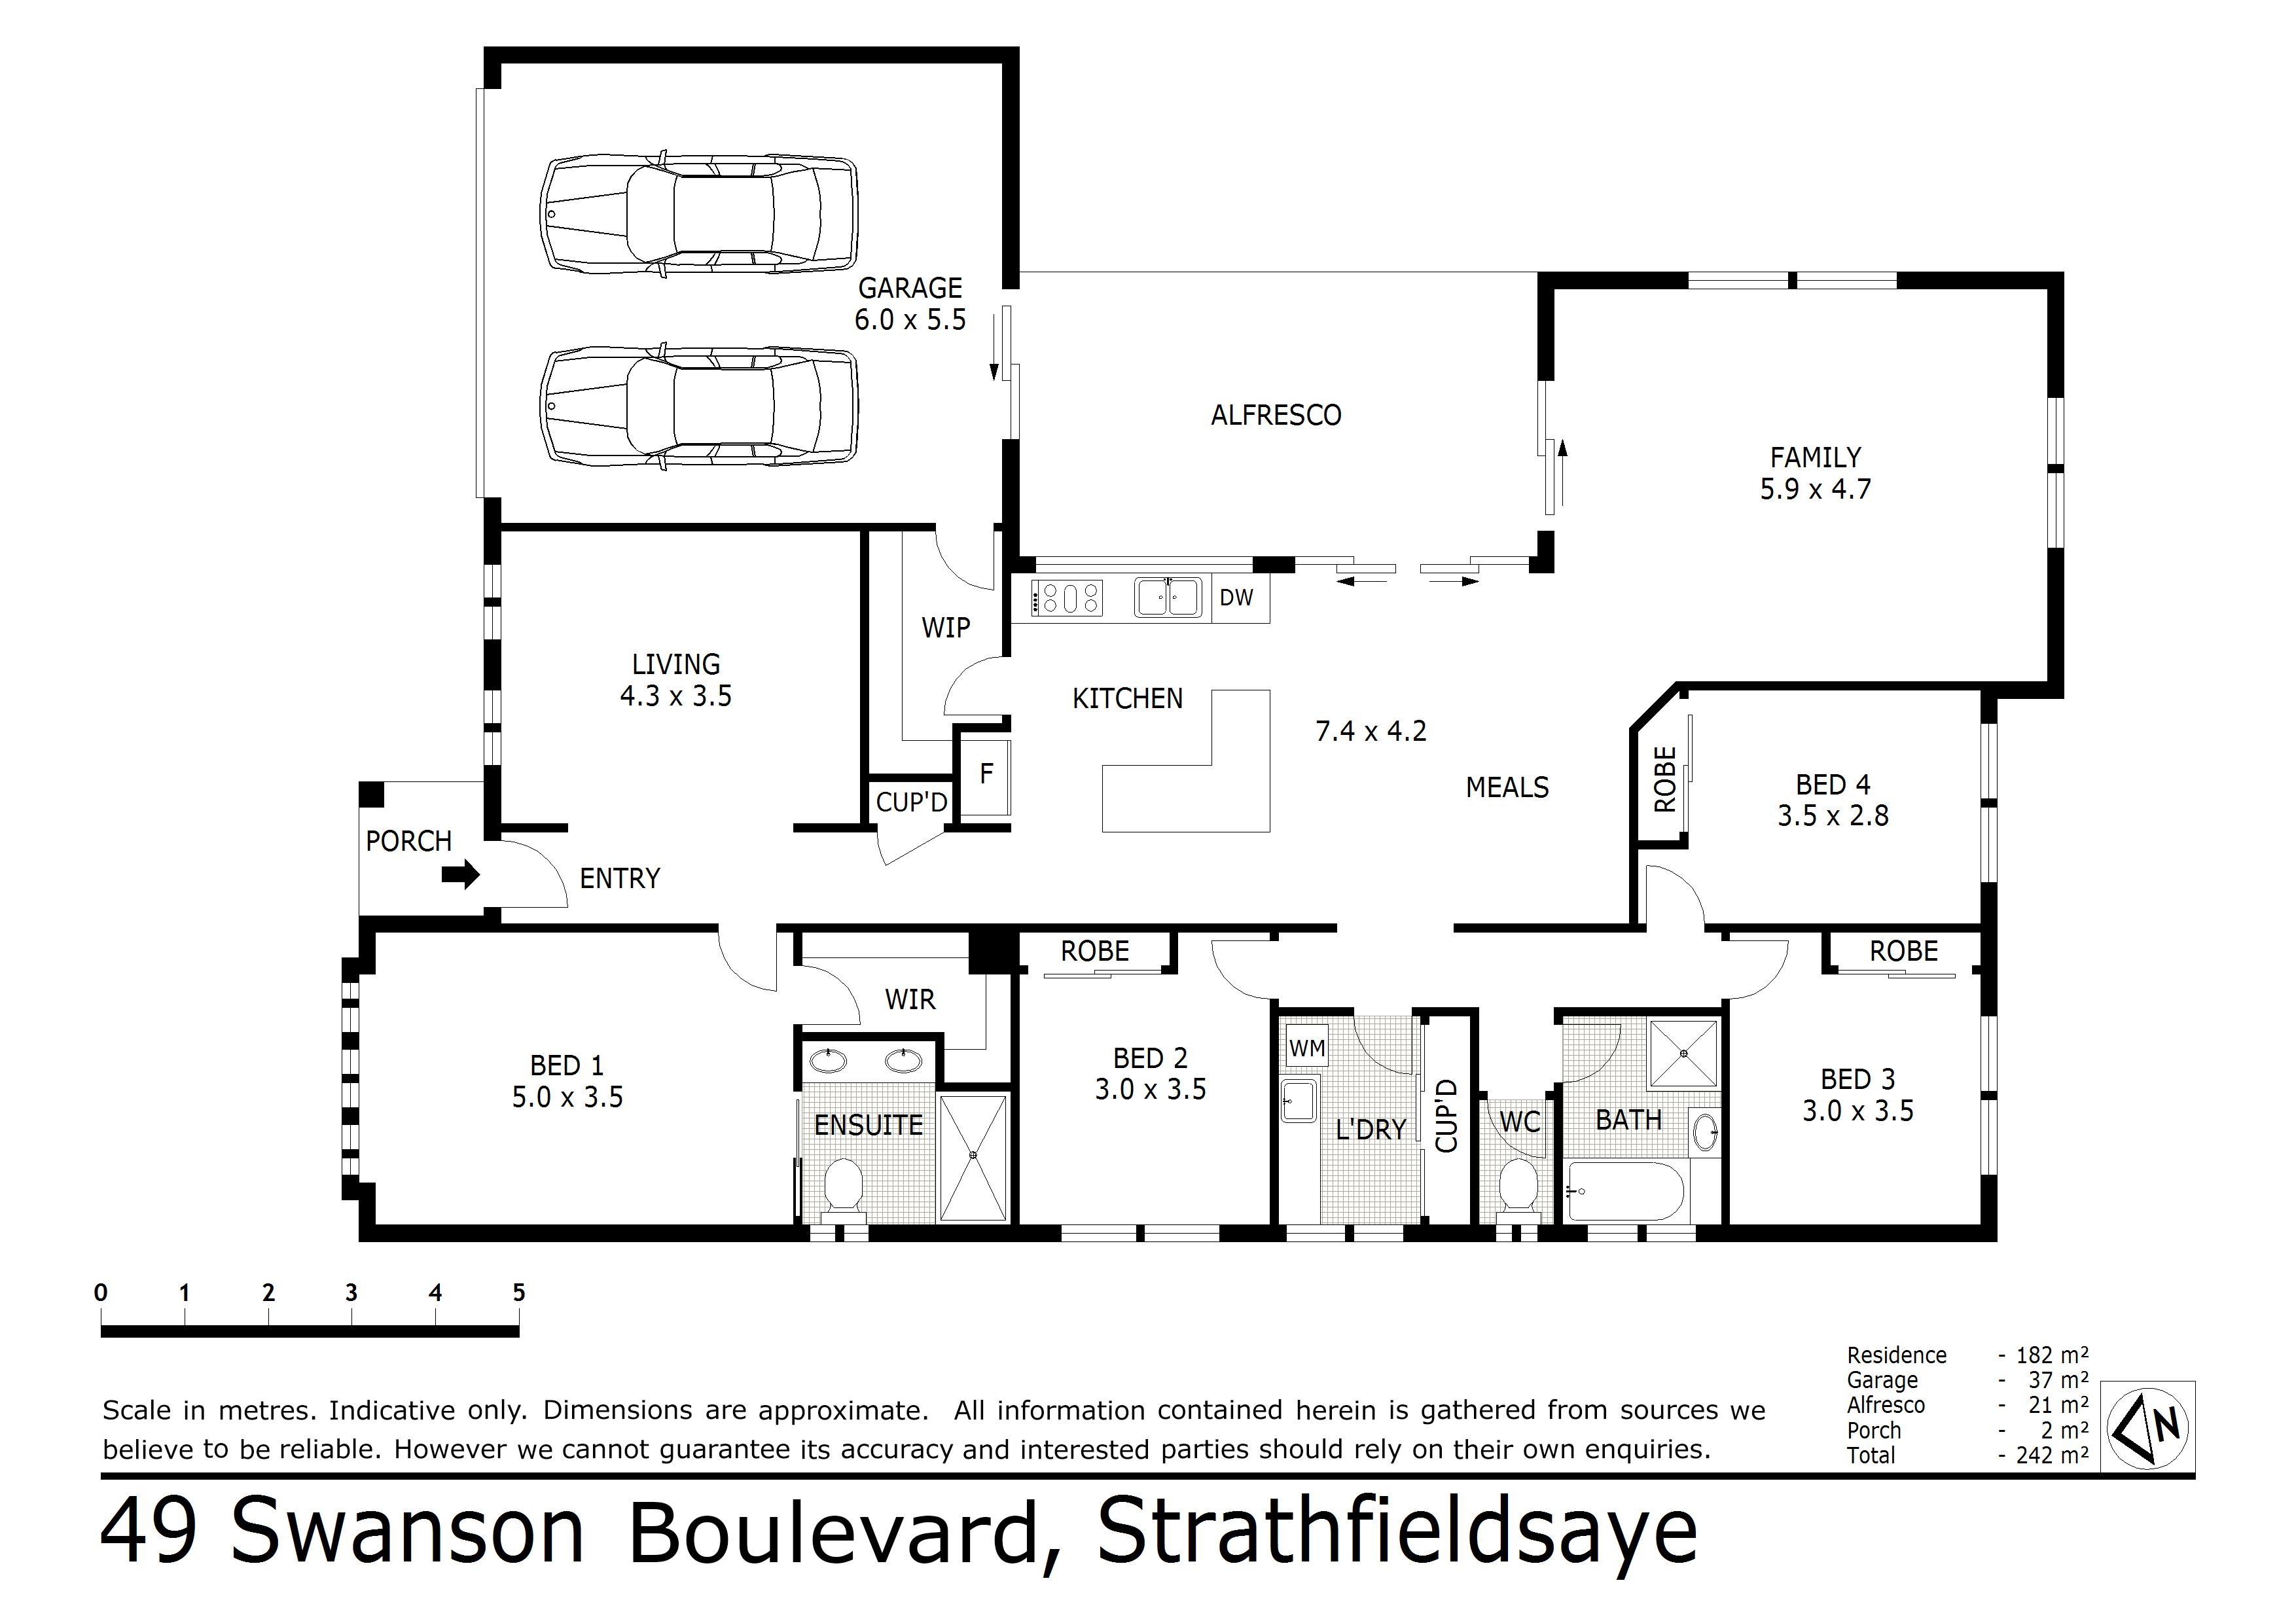 49 Swanson Boulevard, Strathfieldsaye, VIC 3551